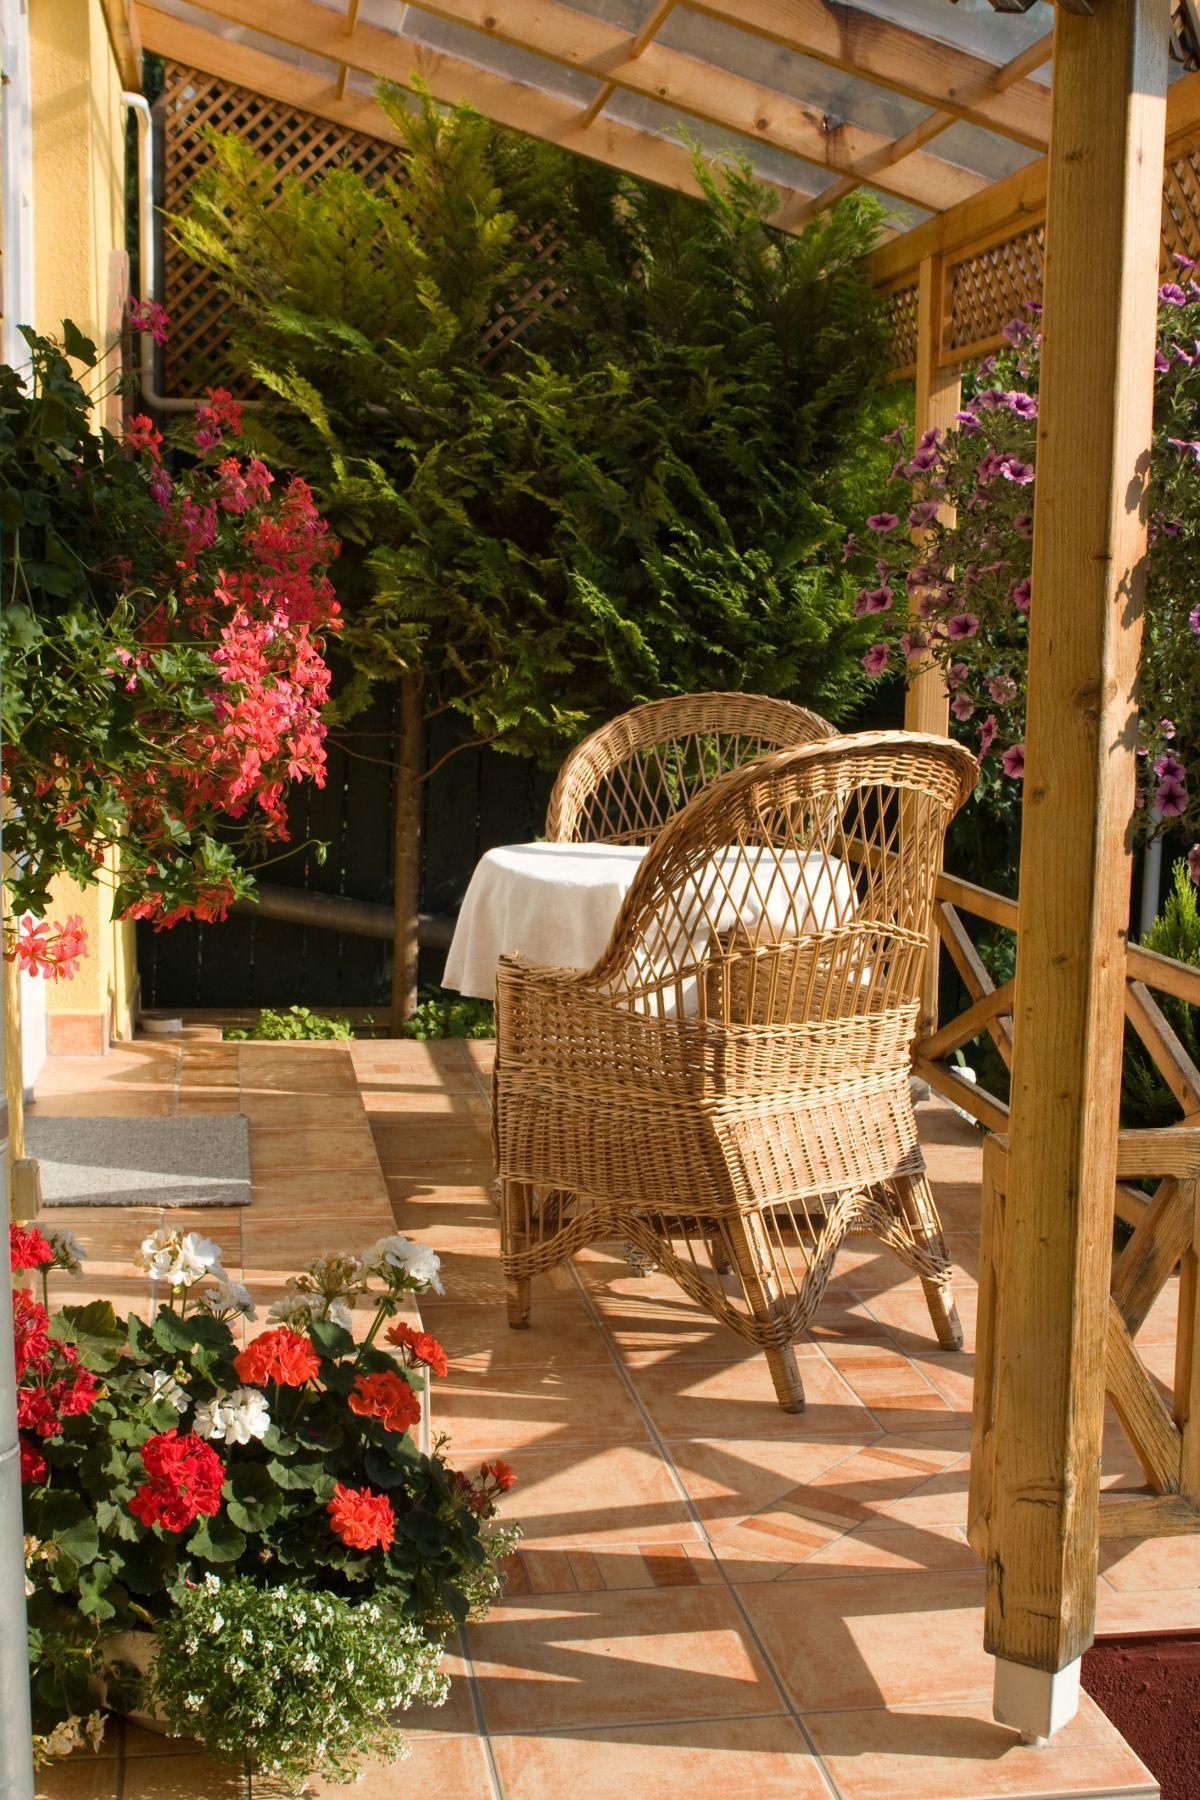 equipamiento para la decoracin de terrazas y jardines - Decoracion De Jardines Y Terrazas